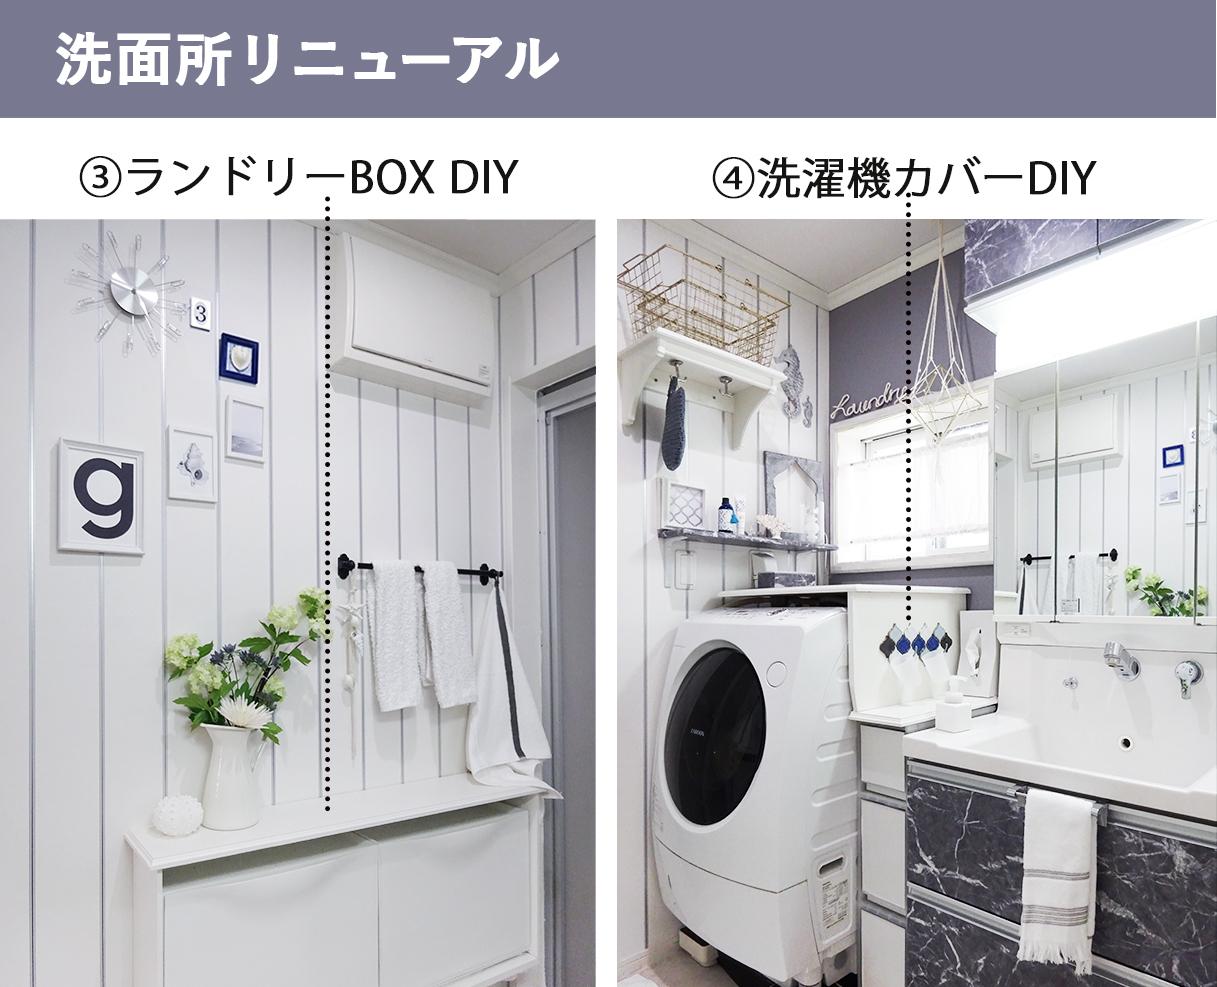 ランドリーBOX DIY, 洗濯機カバーDIY